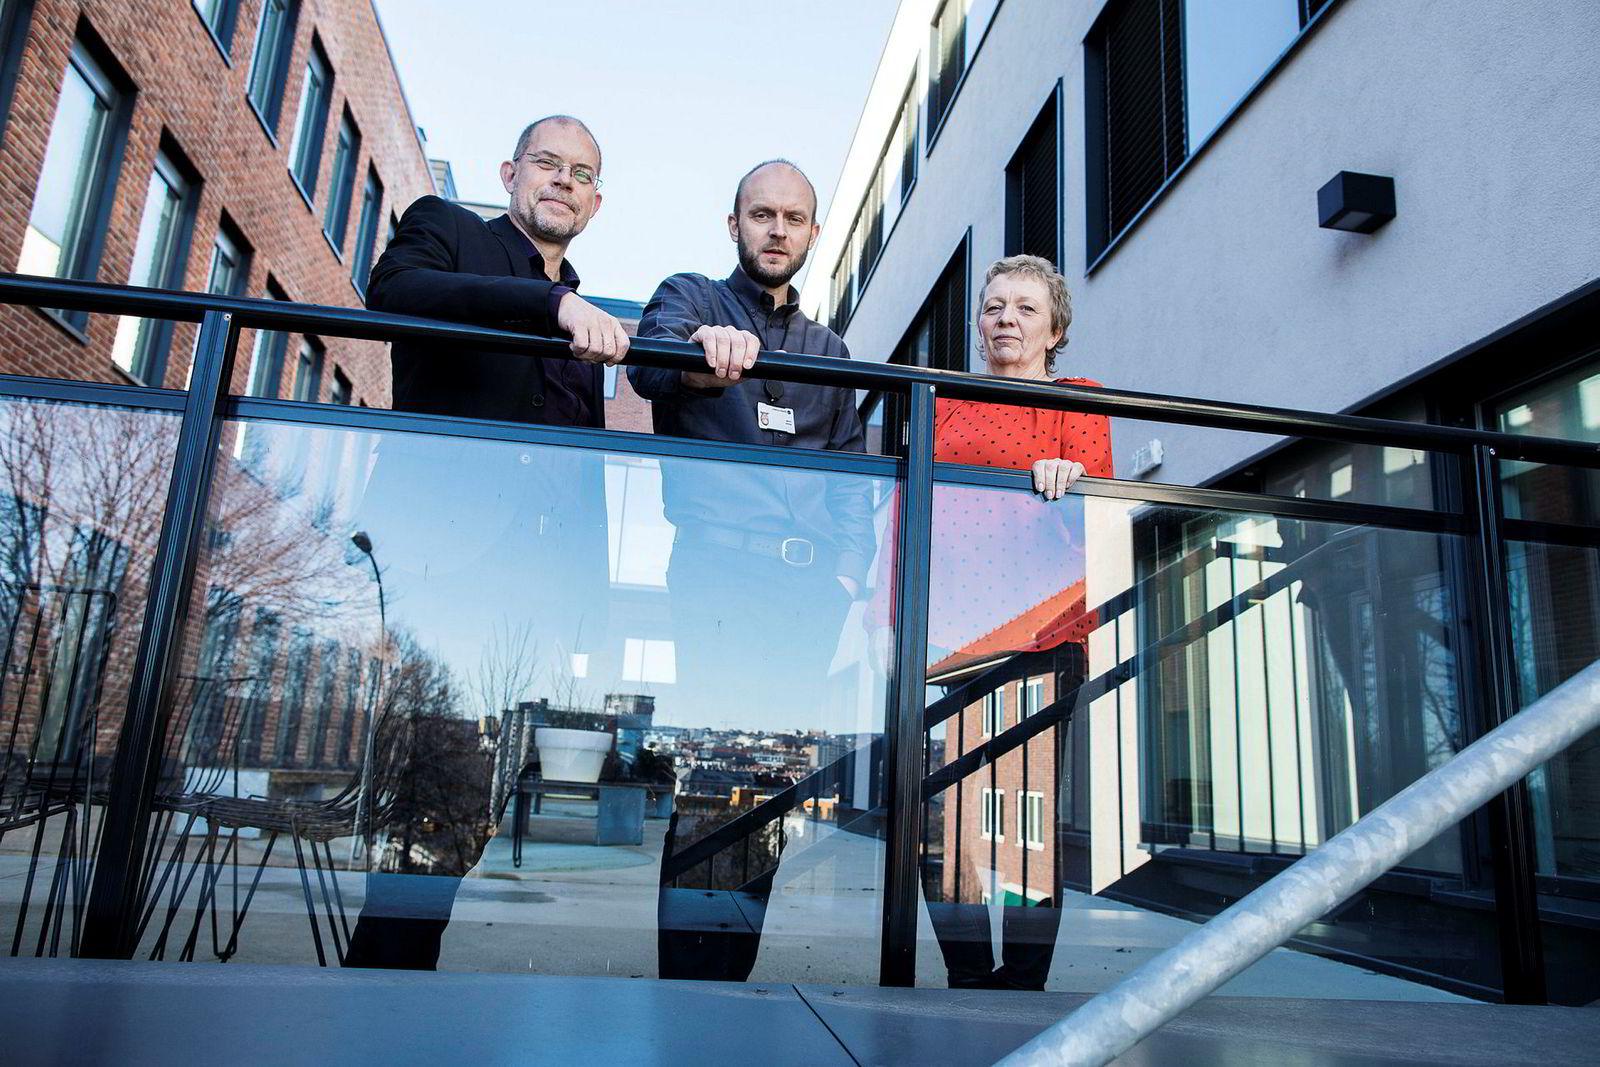 Seniorrådgiverne Håkon Grini (til venstre), Harald Lunde og Sigrun Kristoffersen i SSB har utarbeidet helt ny lønnsstatistikk basert på et langt større datagrunnlag enn tidligere.